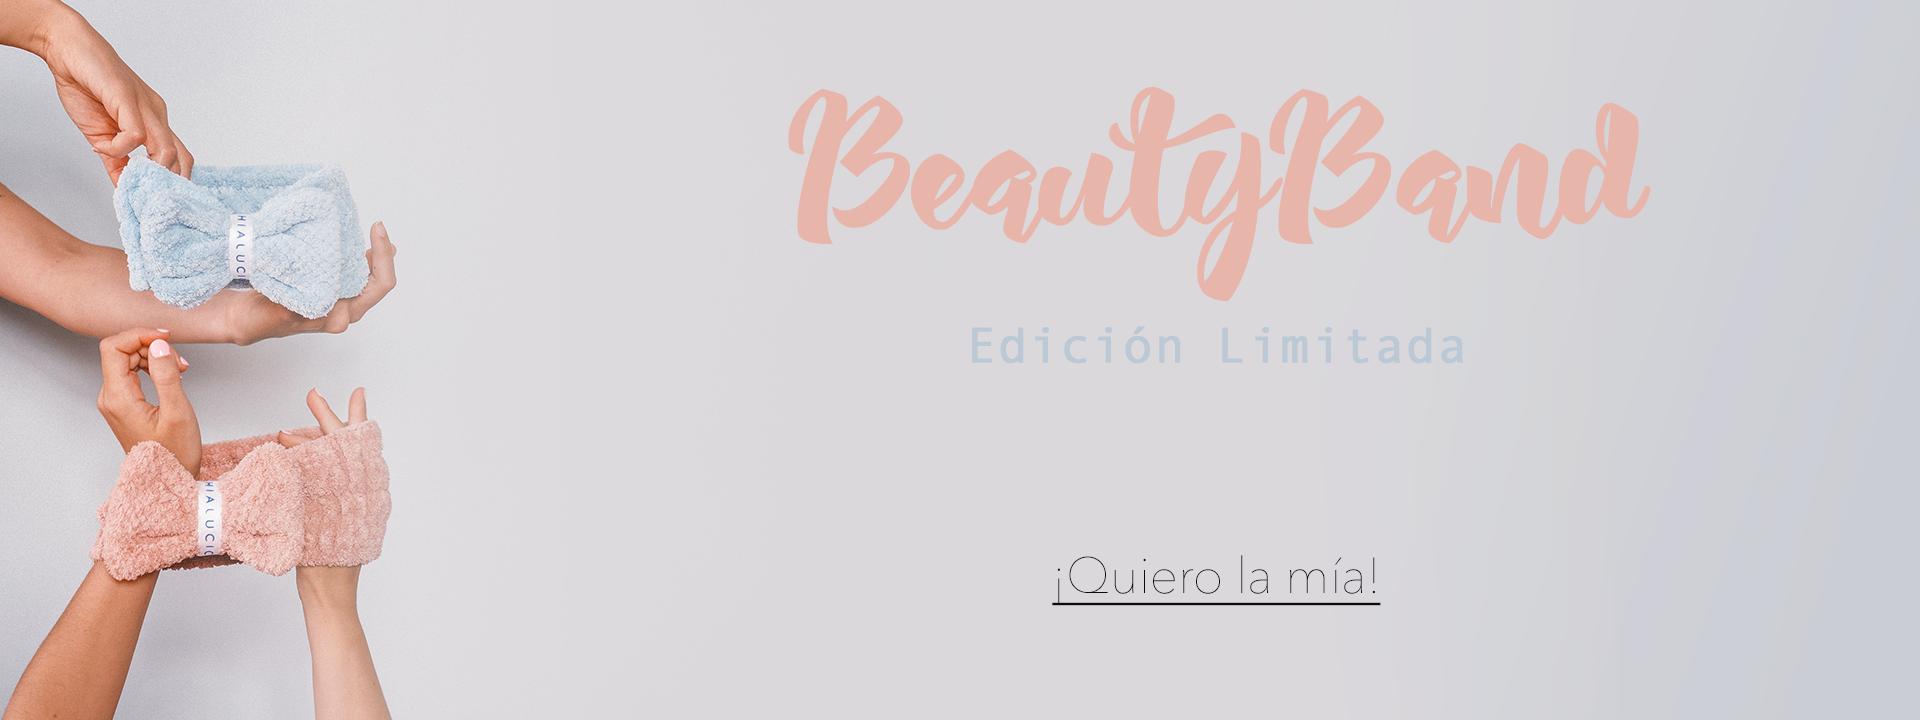 beautyband